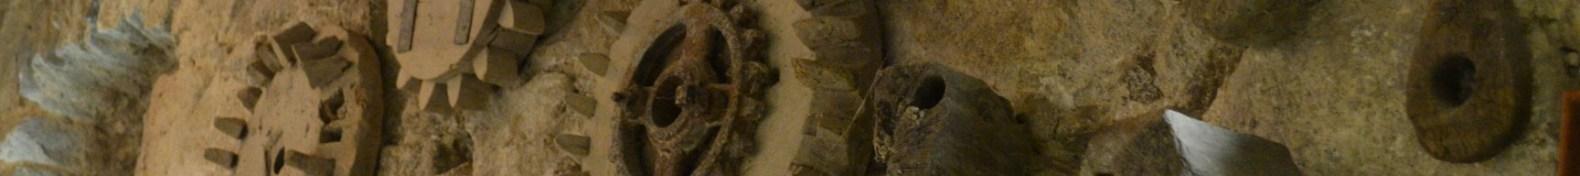 Le seul moulin à eau dans le Tarn ayant les 2 types de meules en état de fonctionner